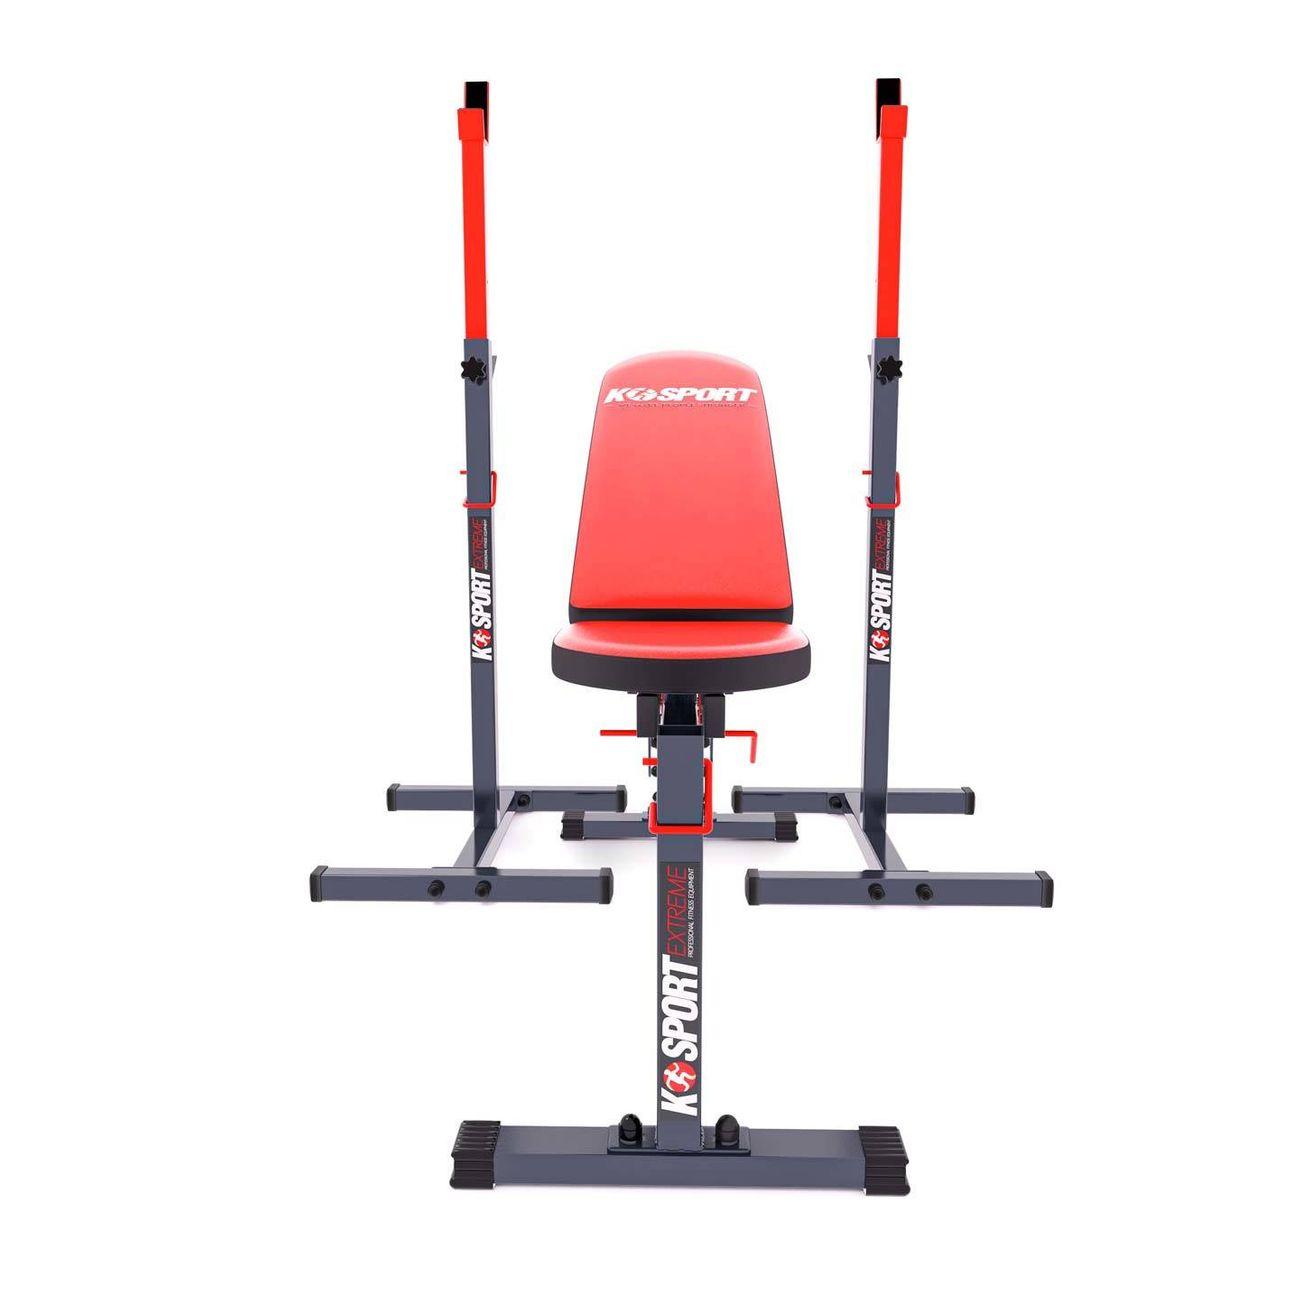 K-Sport Banc d'entraînement inclinable + Support pour barre musculation KSSL098